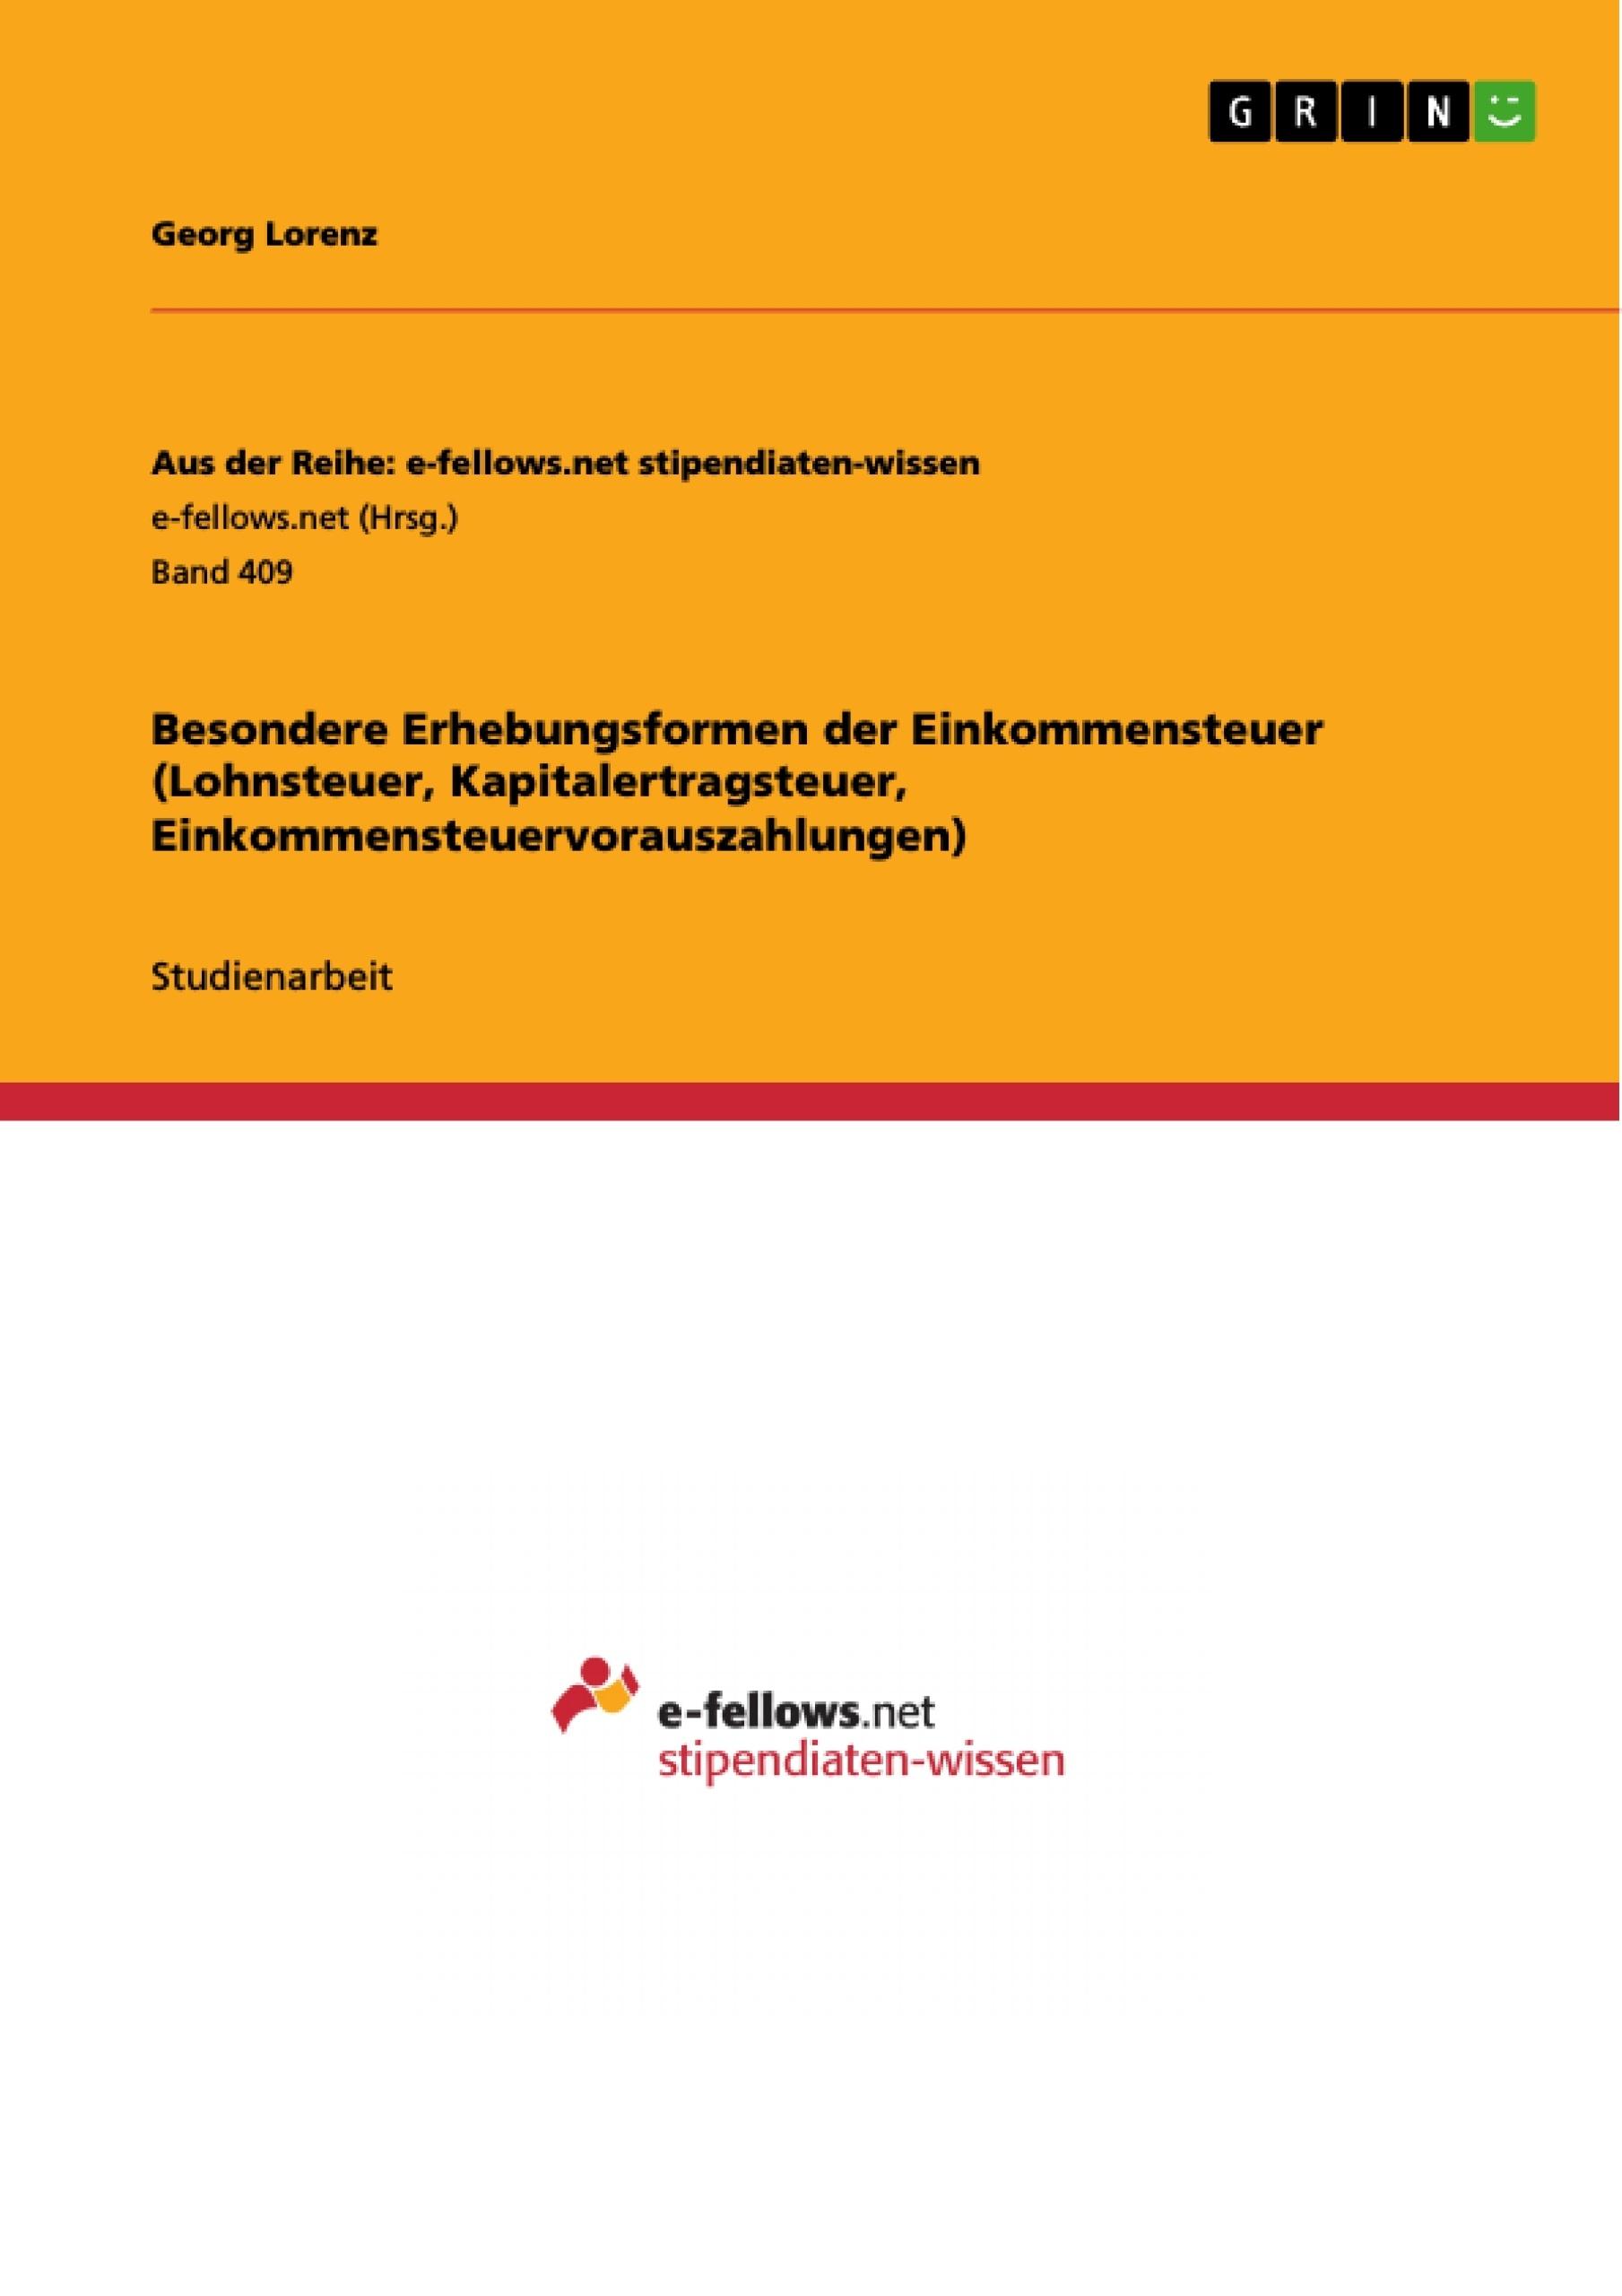 Titel: Besondere Erhebungsformen der Einkommensteuer (Lohnsteuer, Kapitalertragsteuer, Einkommensteuervorauszahlungen)